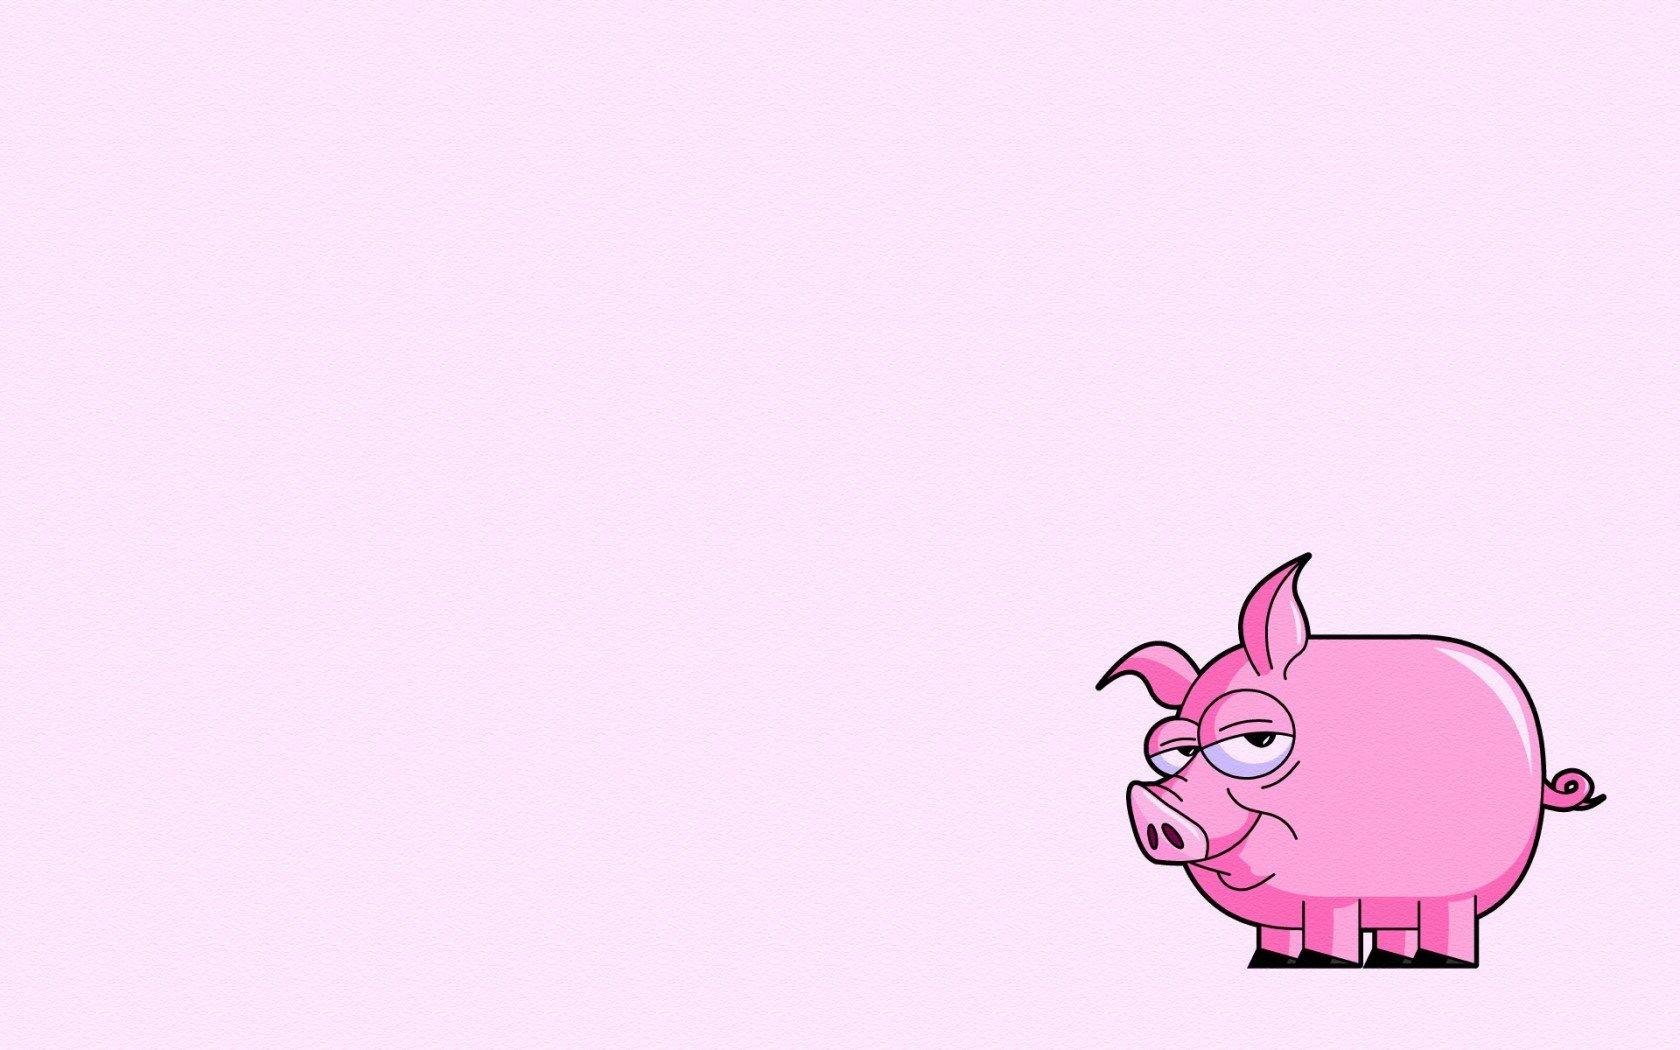 Pink Cartoon Hd Wallpaper Cartoon Wallpaper Hd Cartoons Hd Cute Wallpaper Backgrounds